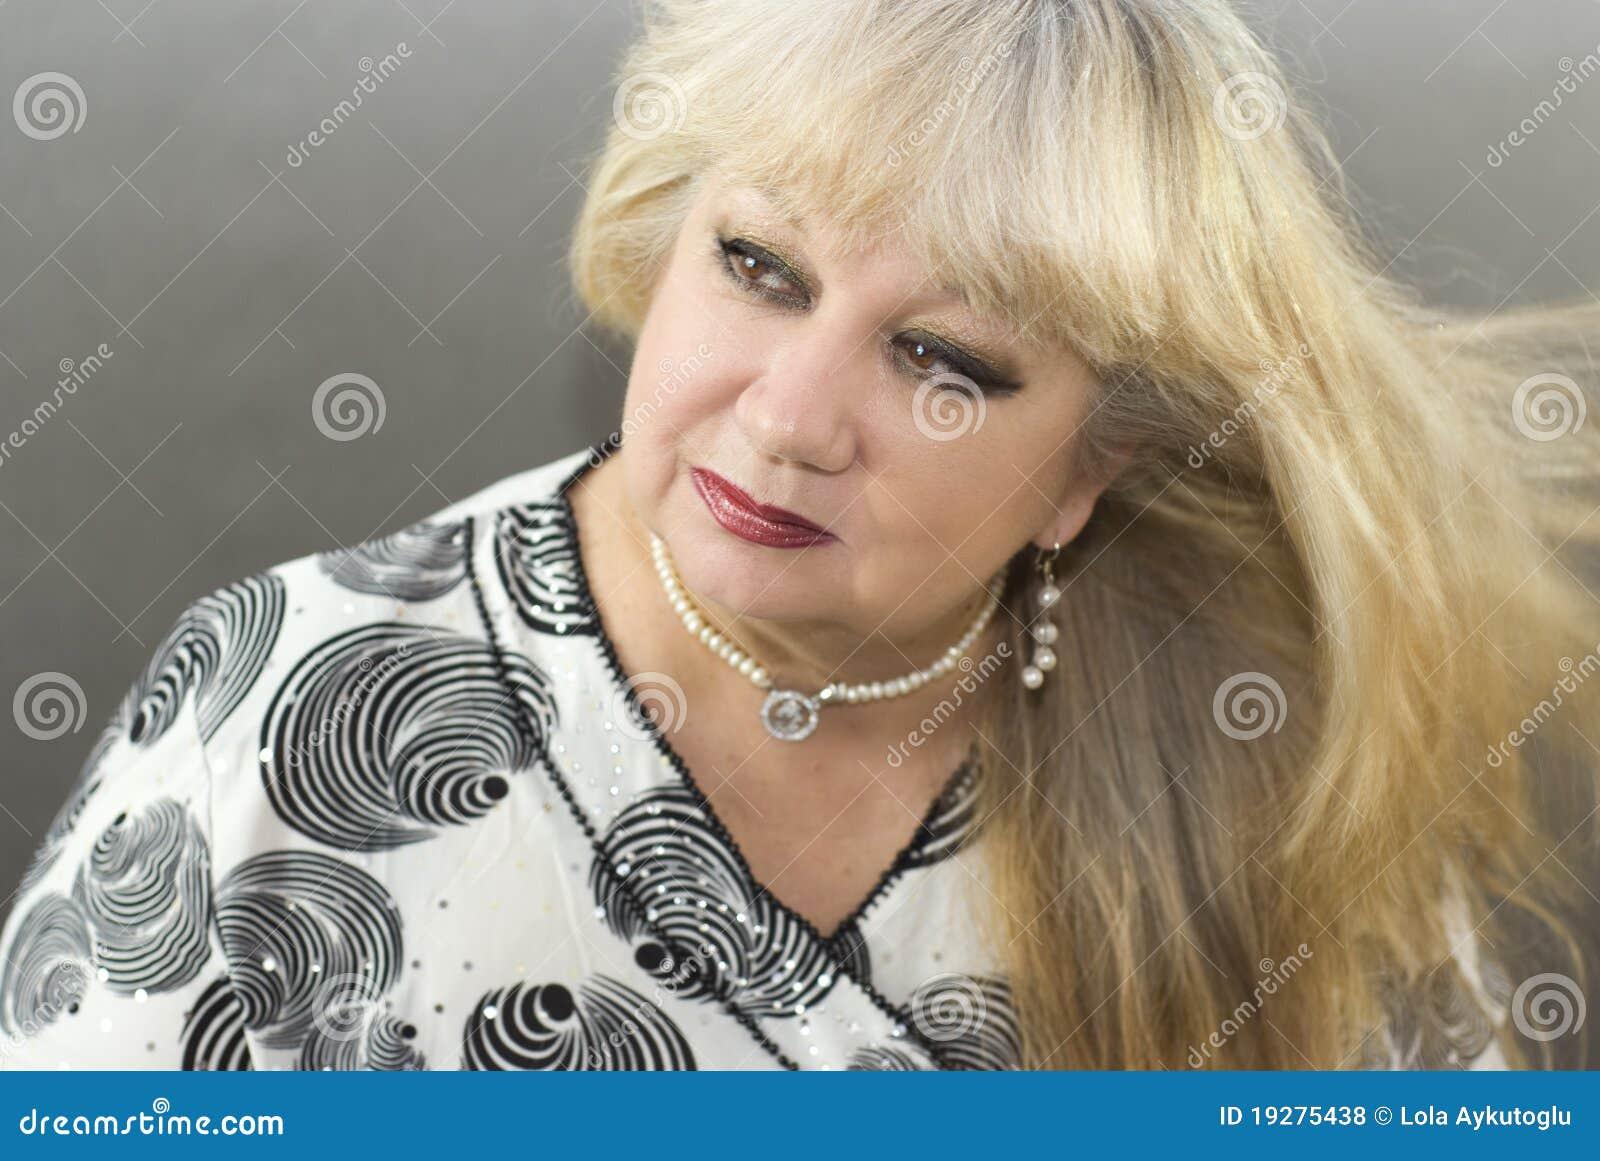 foto s van mooie vrouwen privegirls